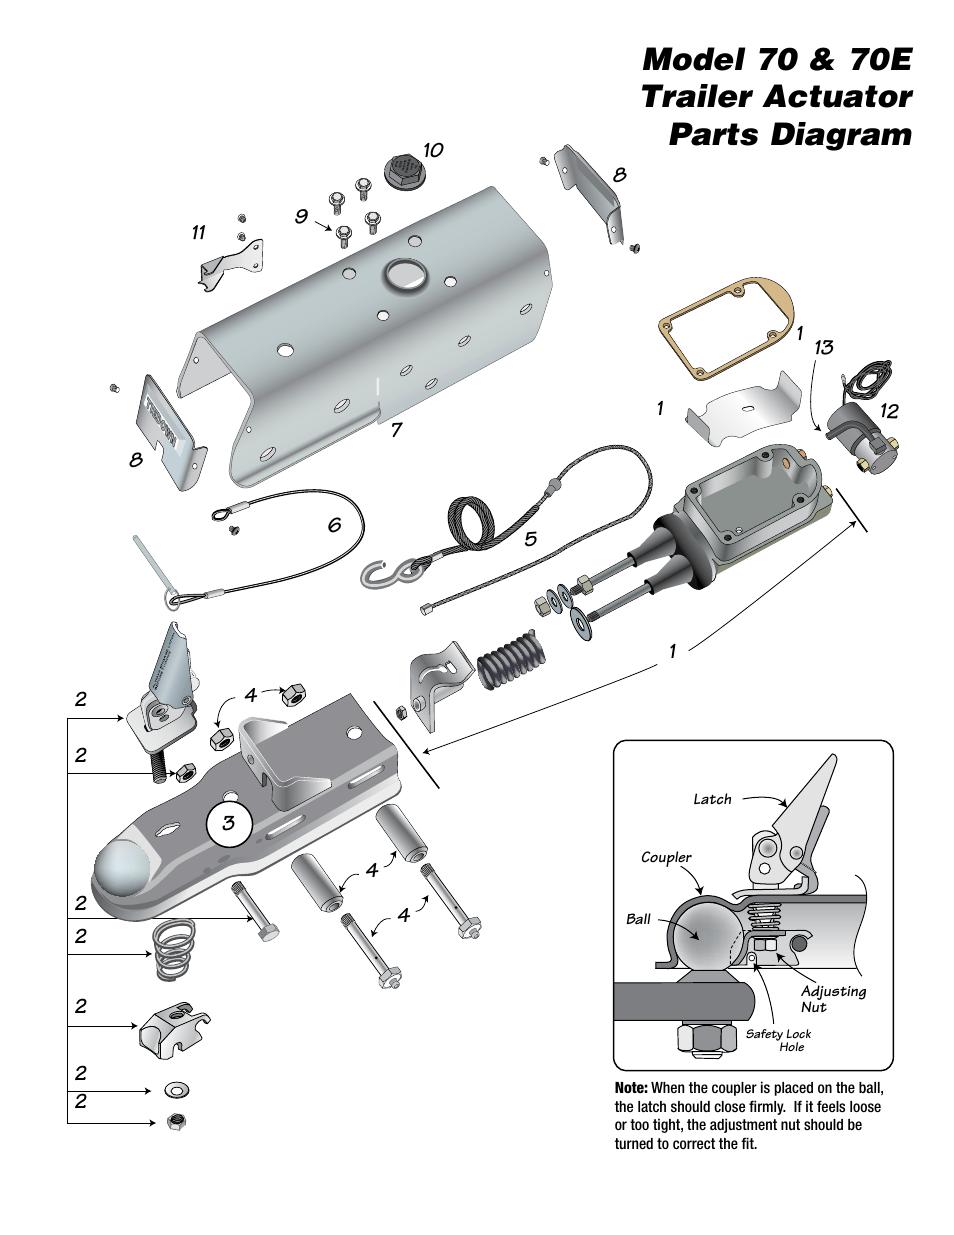 medium resolution of tie down actuator wiring diagram schematic diagram tie down actuator wiring diagram